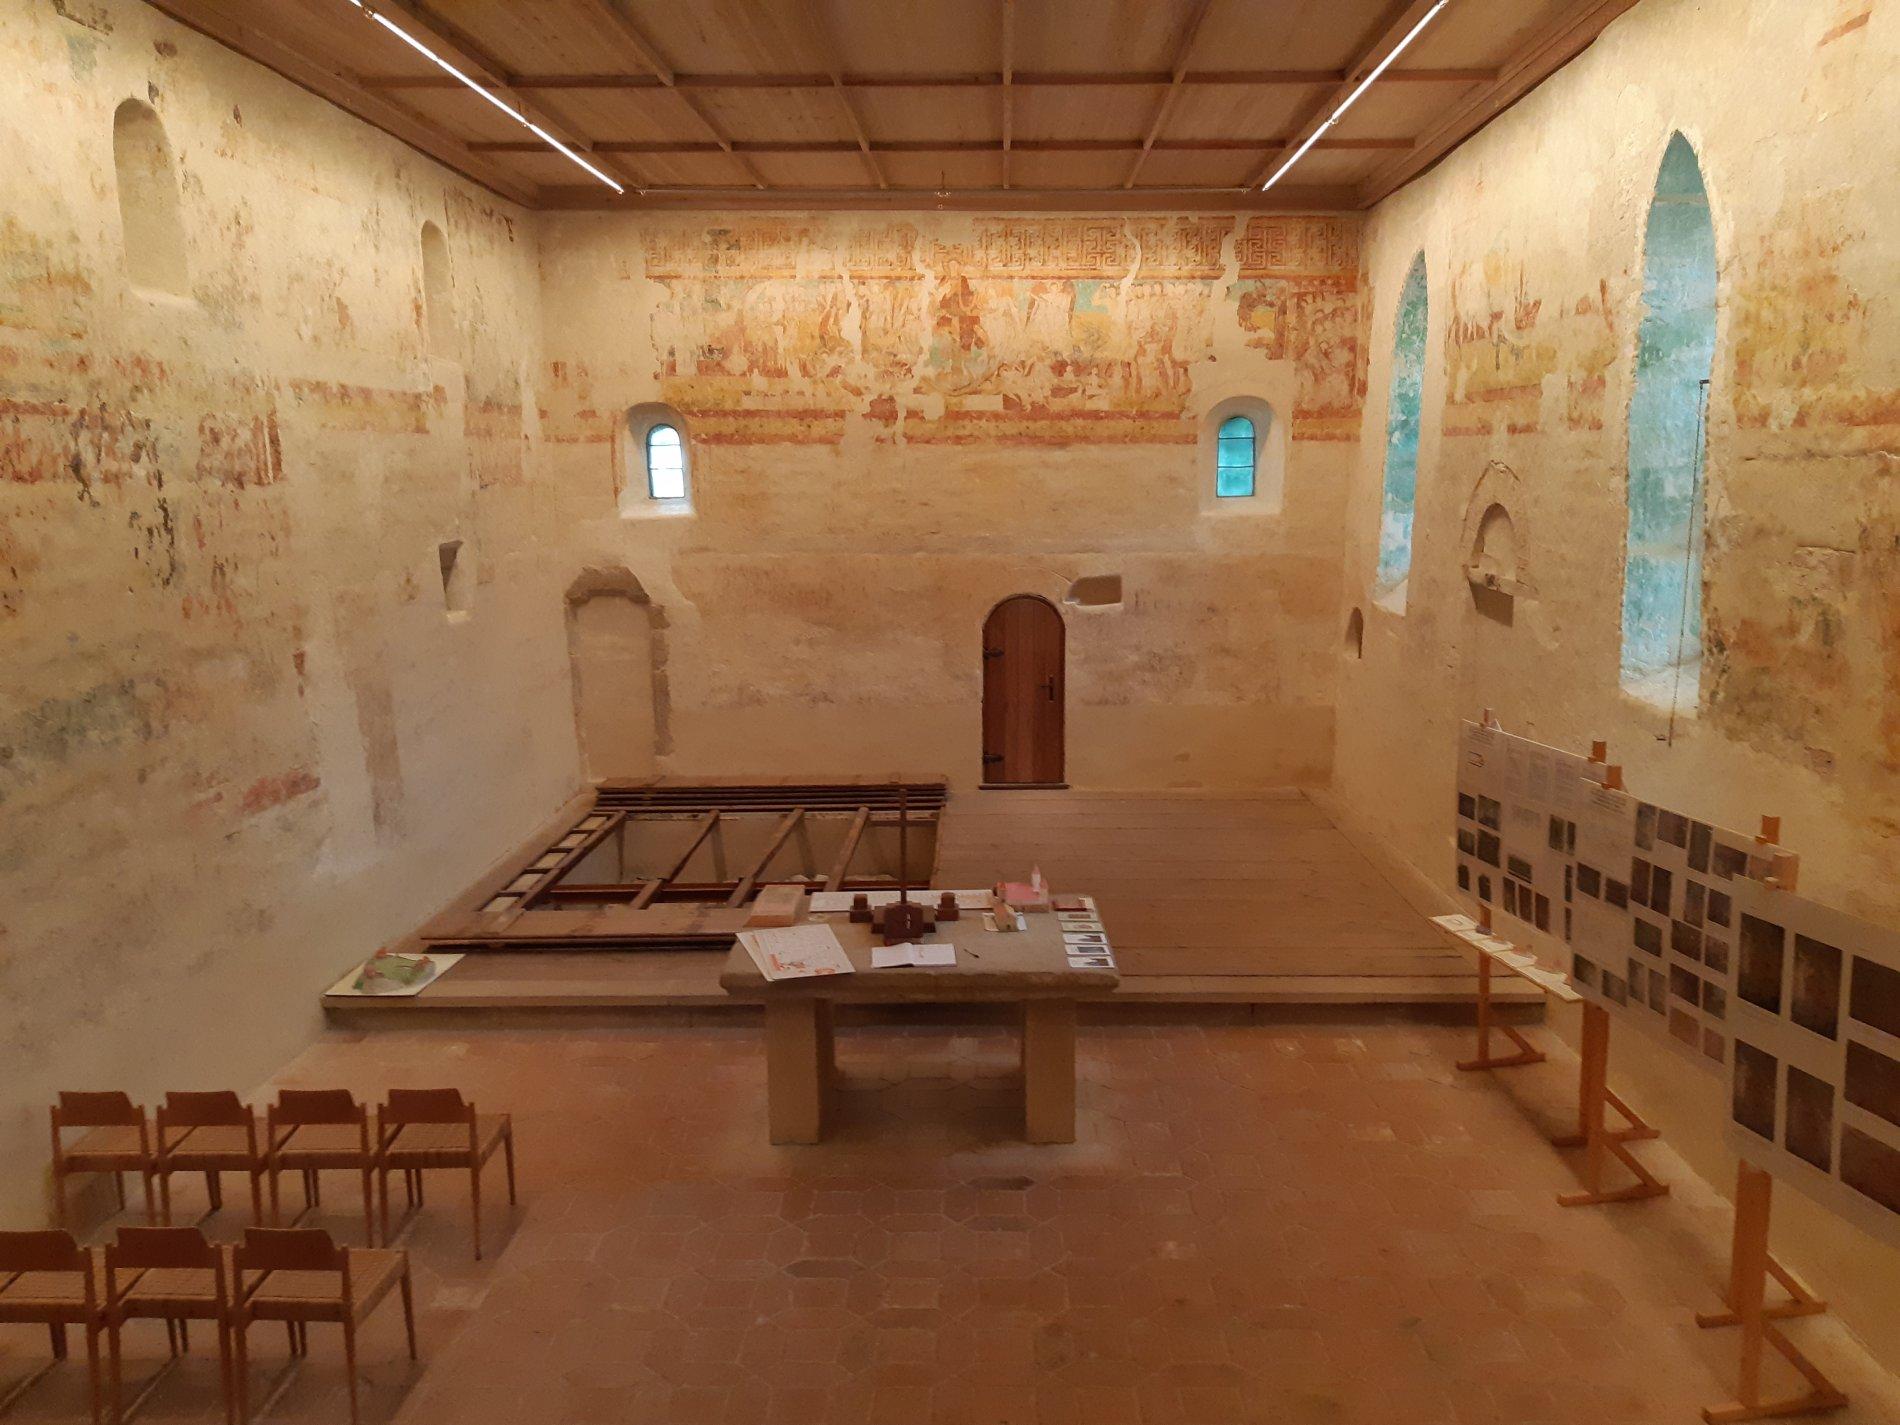 St.-Michaels-Kirche in Albstadt-Burgfelden